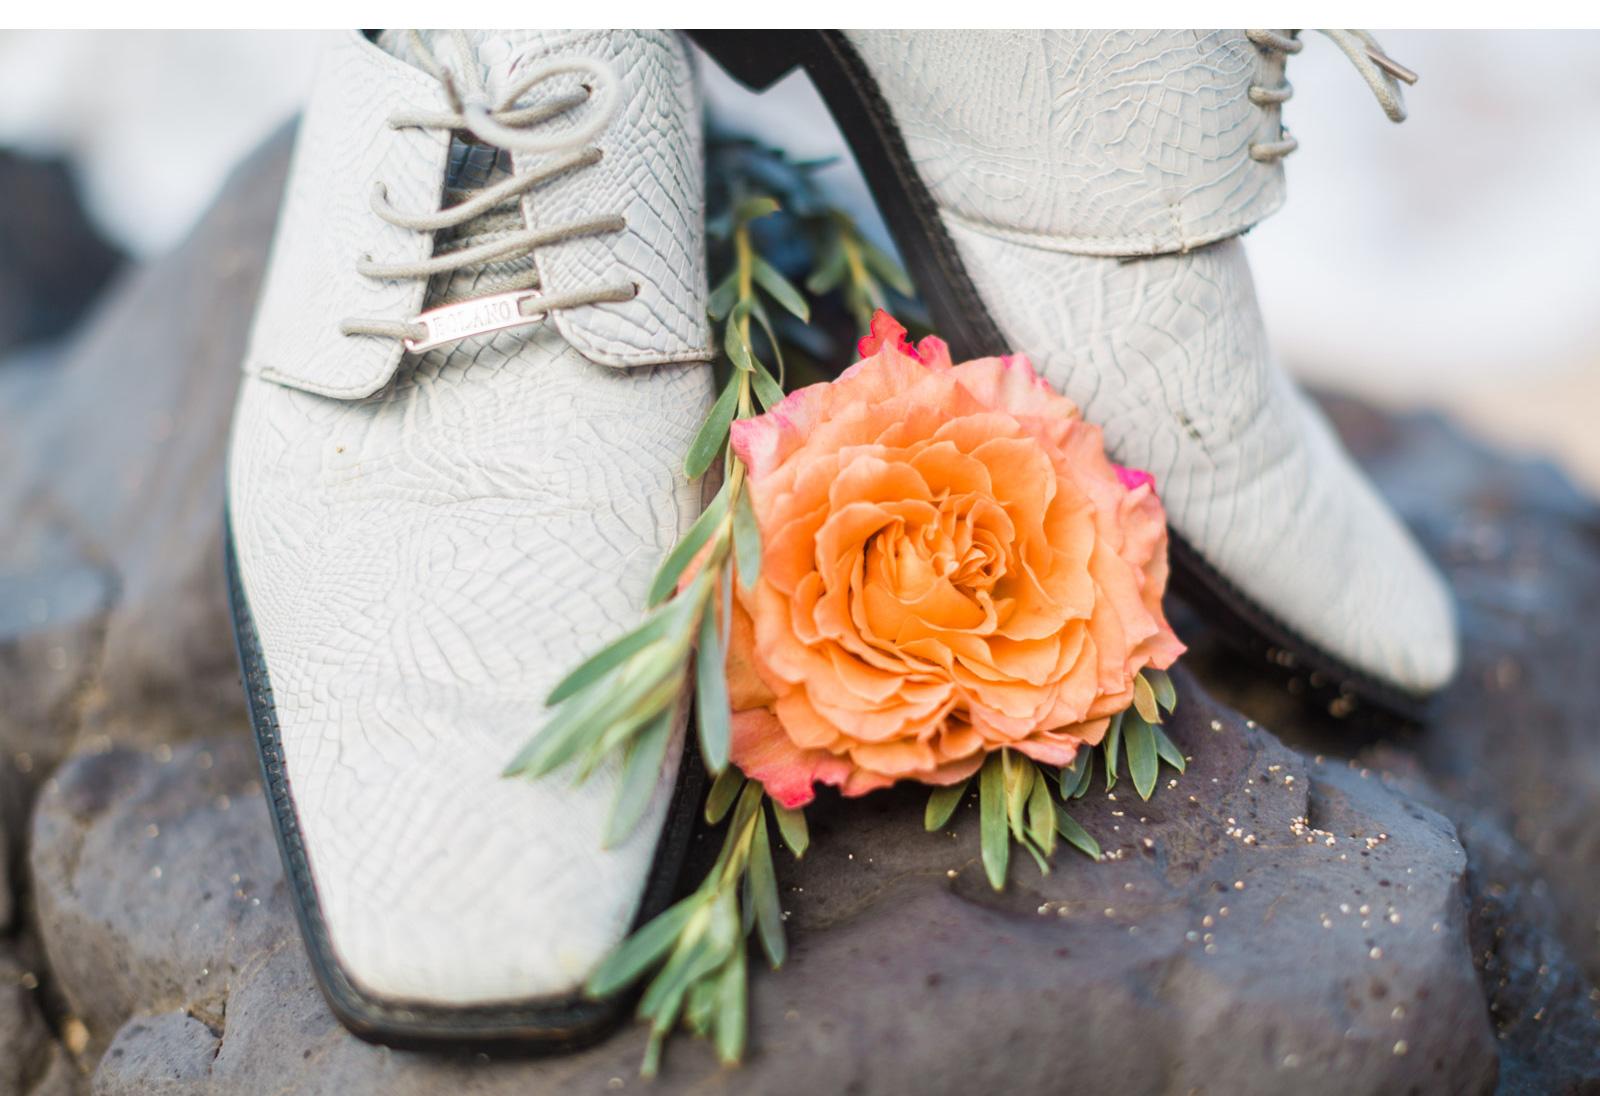 Natalie-Schutt-Photography---Green-Wedding-Shoes-Destination-Wedding_05.jpg